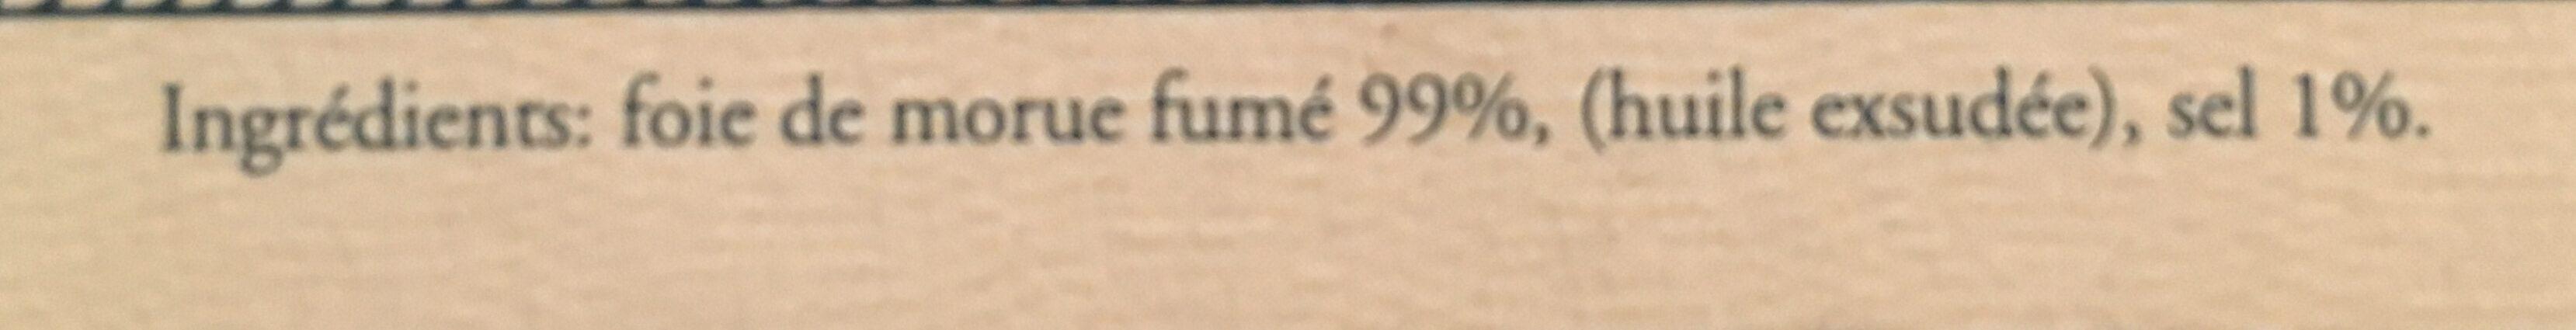 Foie De Morue Fumé, 121 Grammes, Marque Albert Ménès - Ingrédients